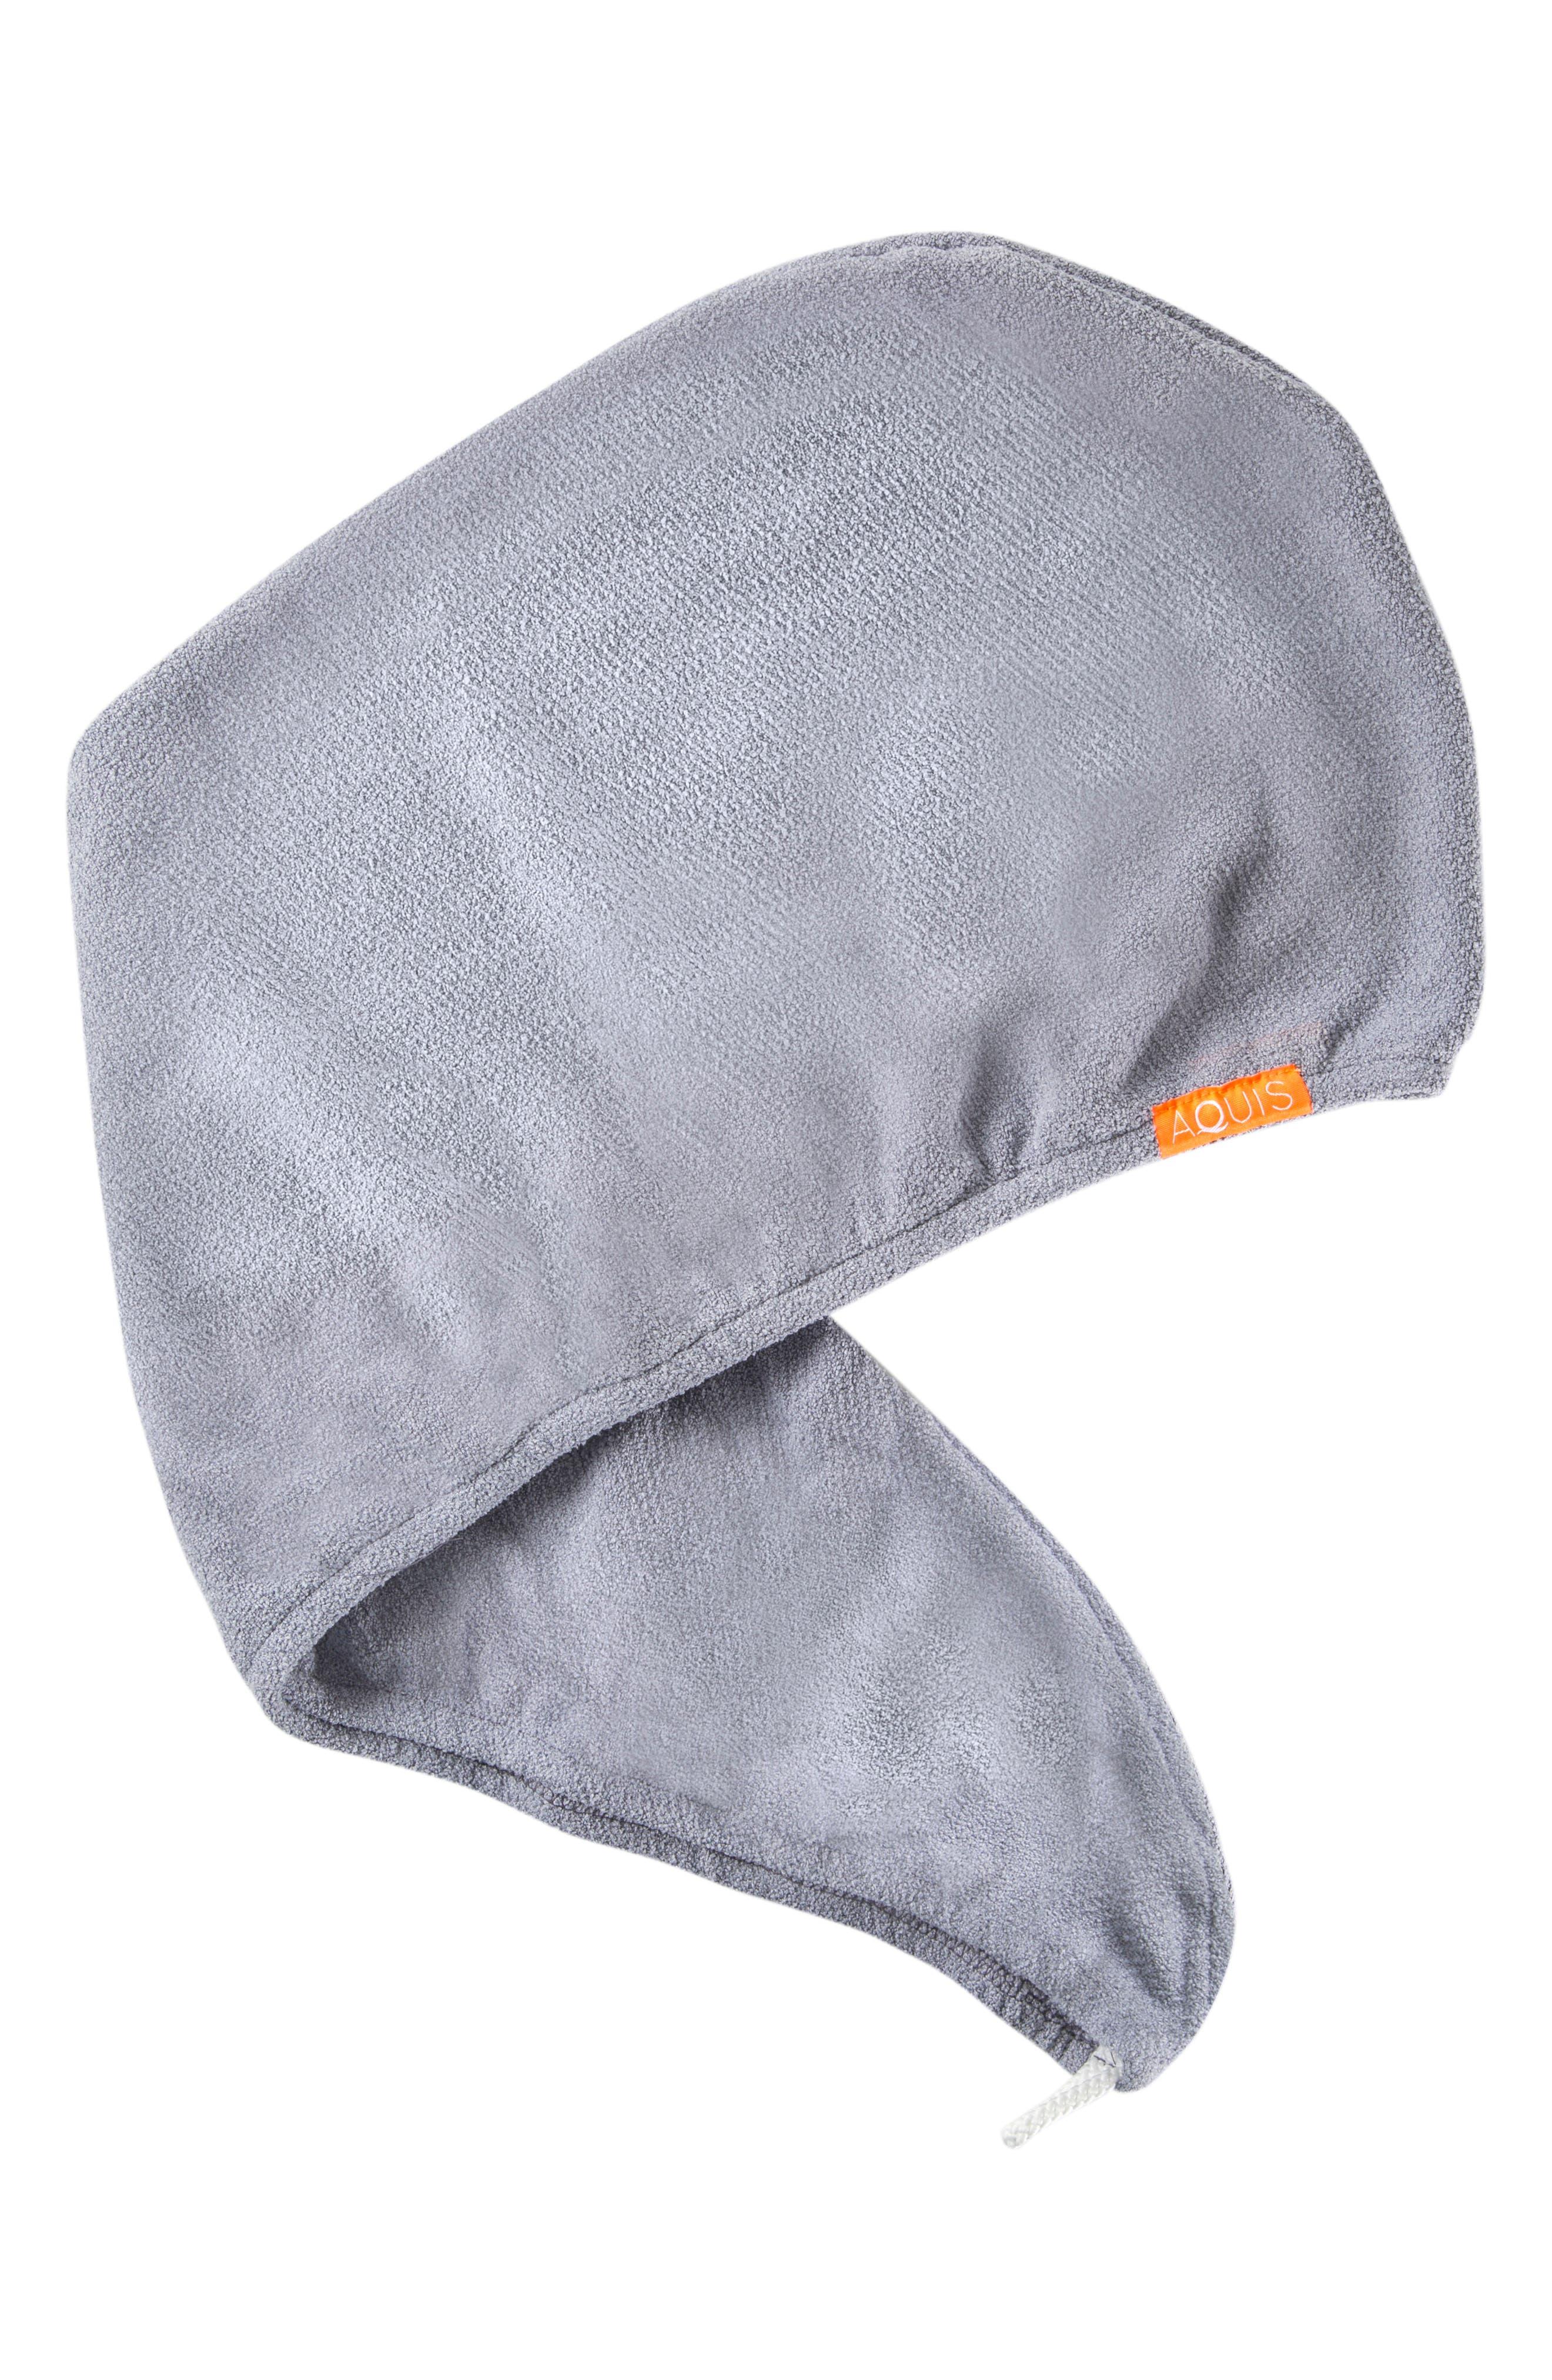 Rapid Dry Lisse Hair Wrap Towel